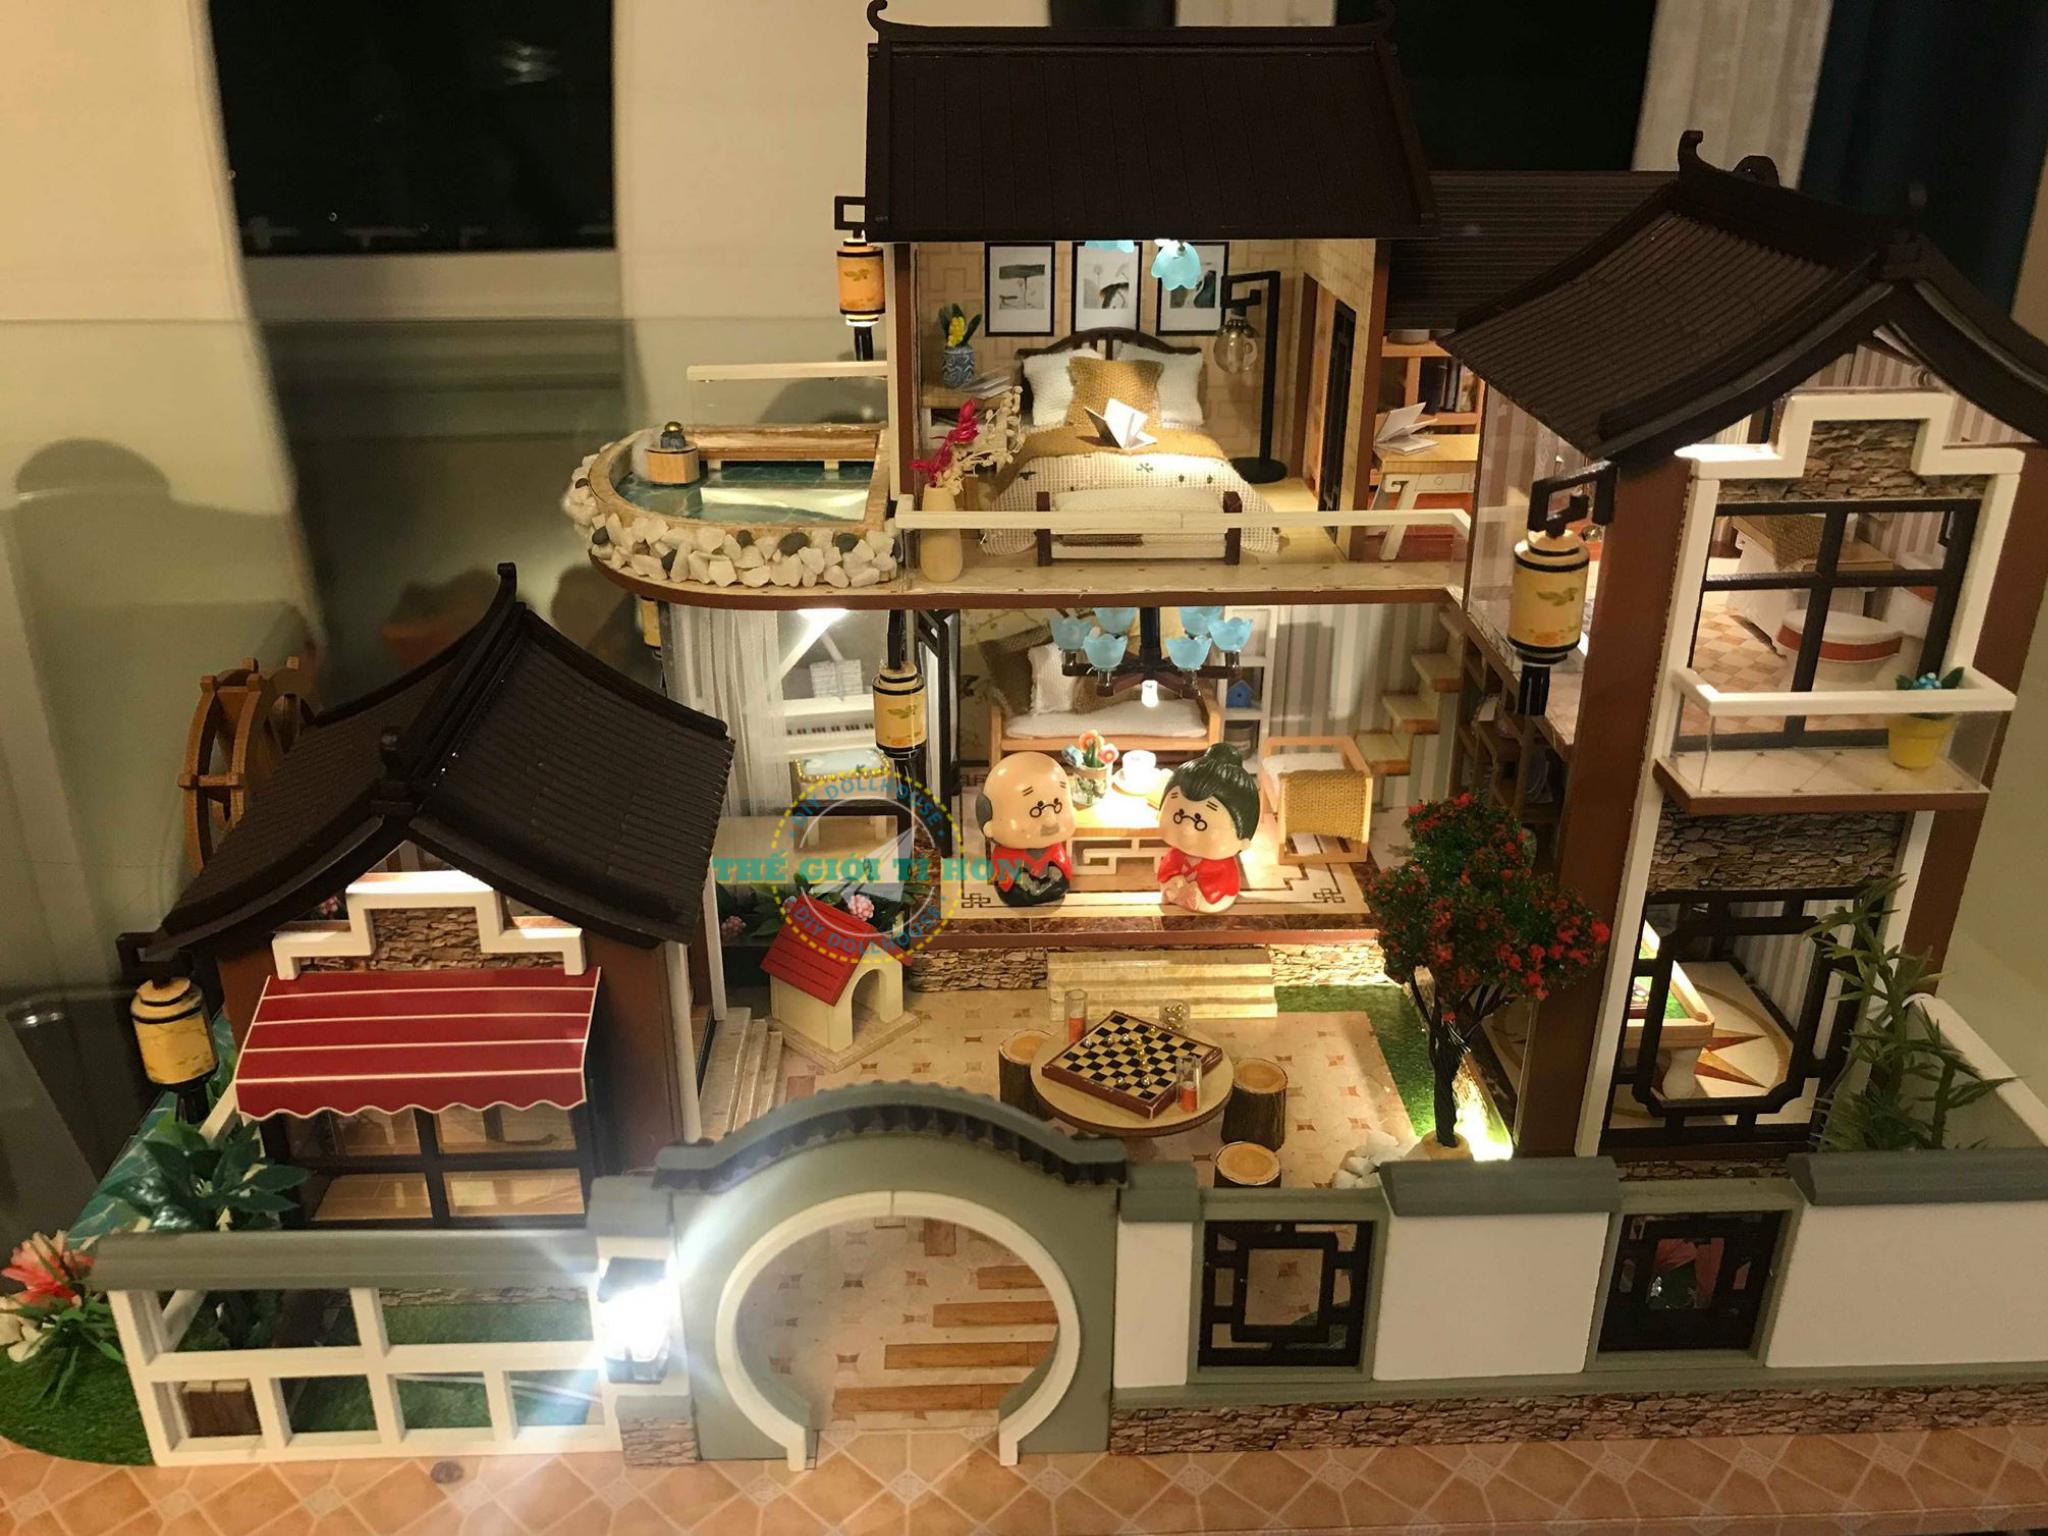 Biệt Thự Gỗ Nhỏ Xinh Handmade Của Chị Trân